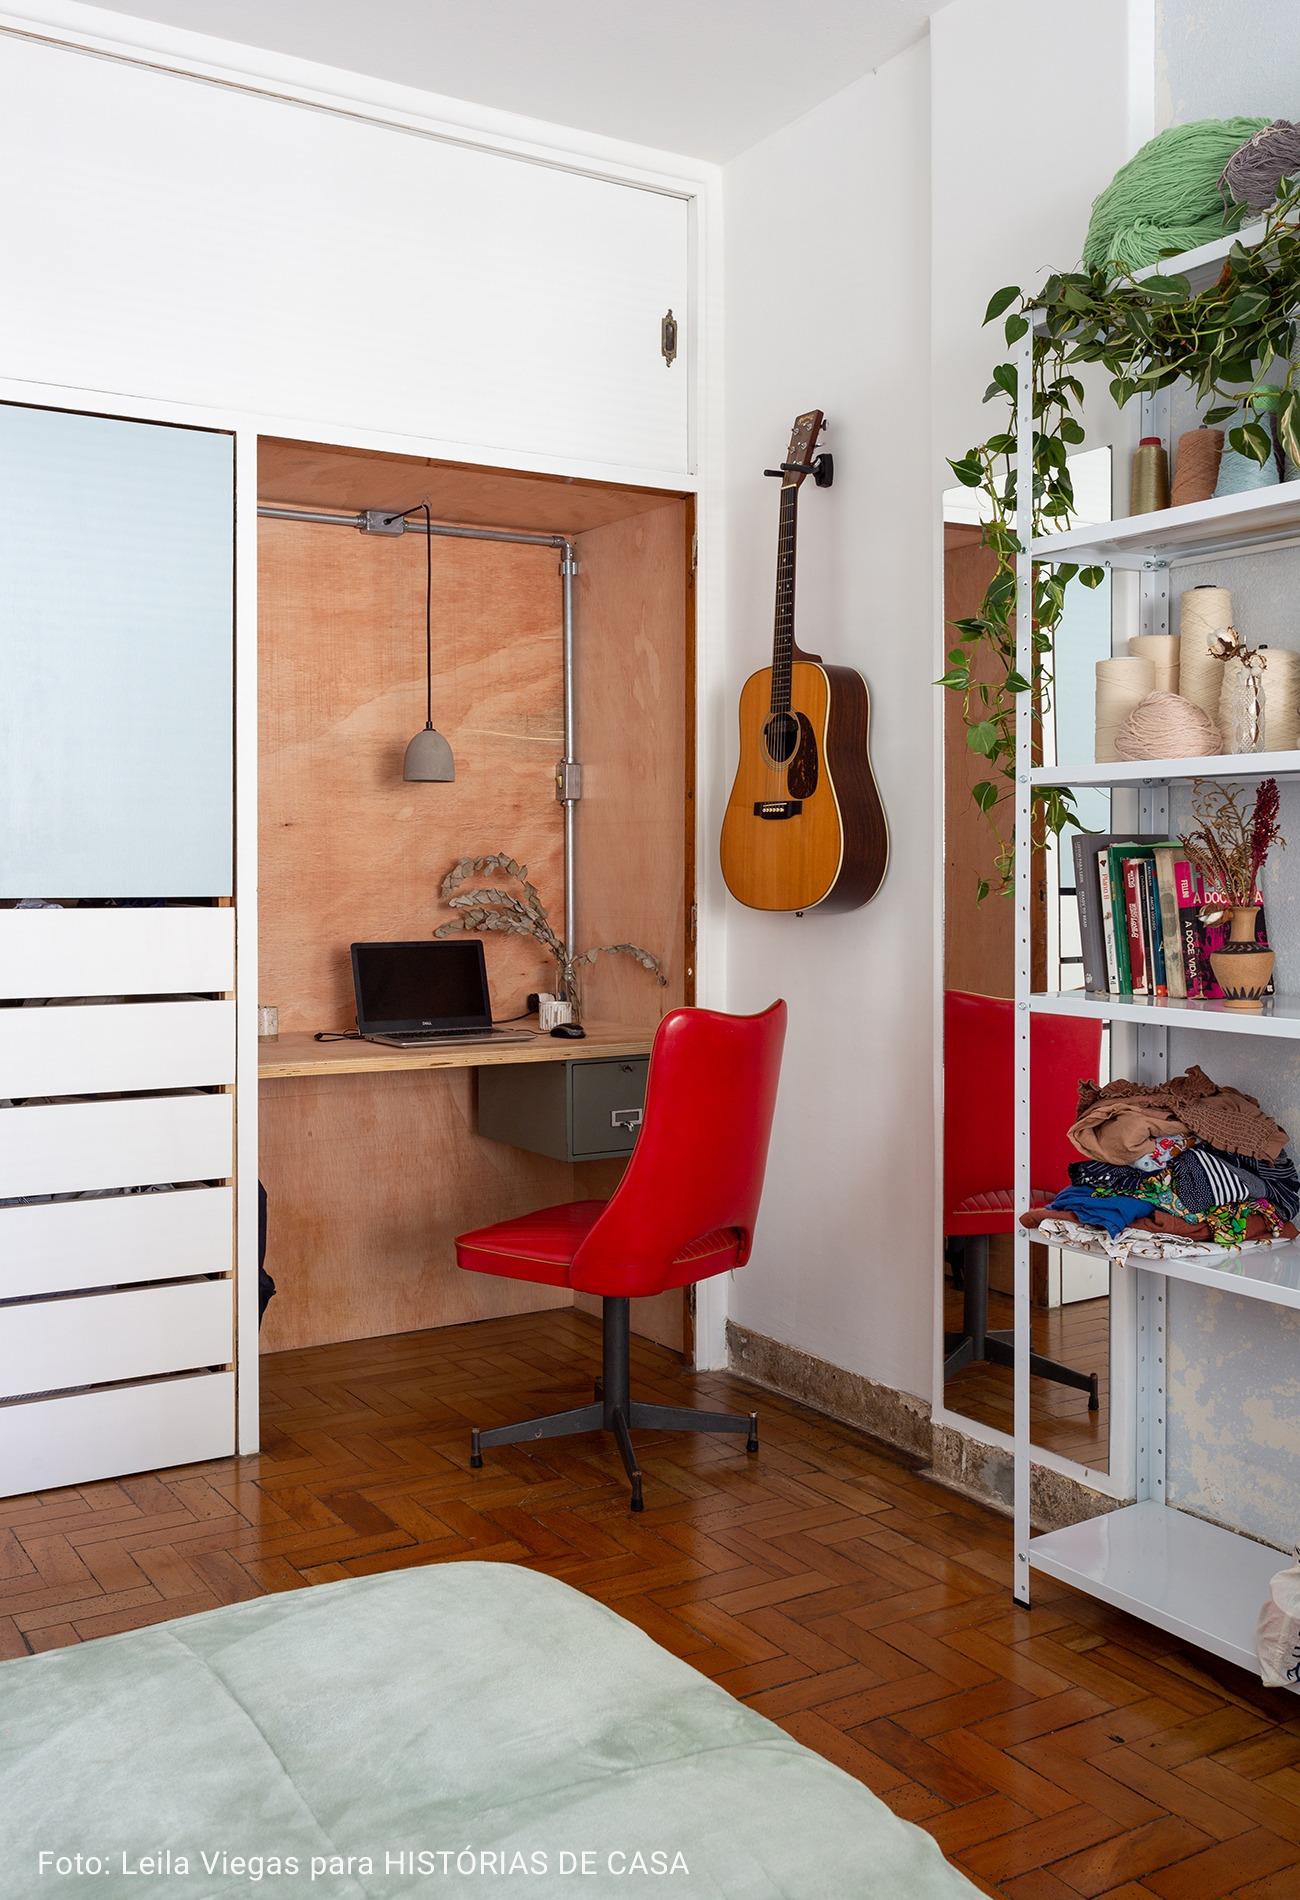 quarto com violão na parede